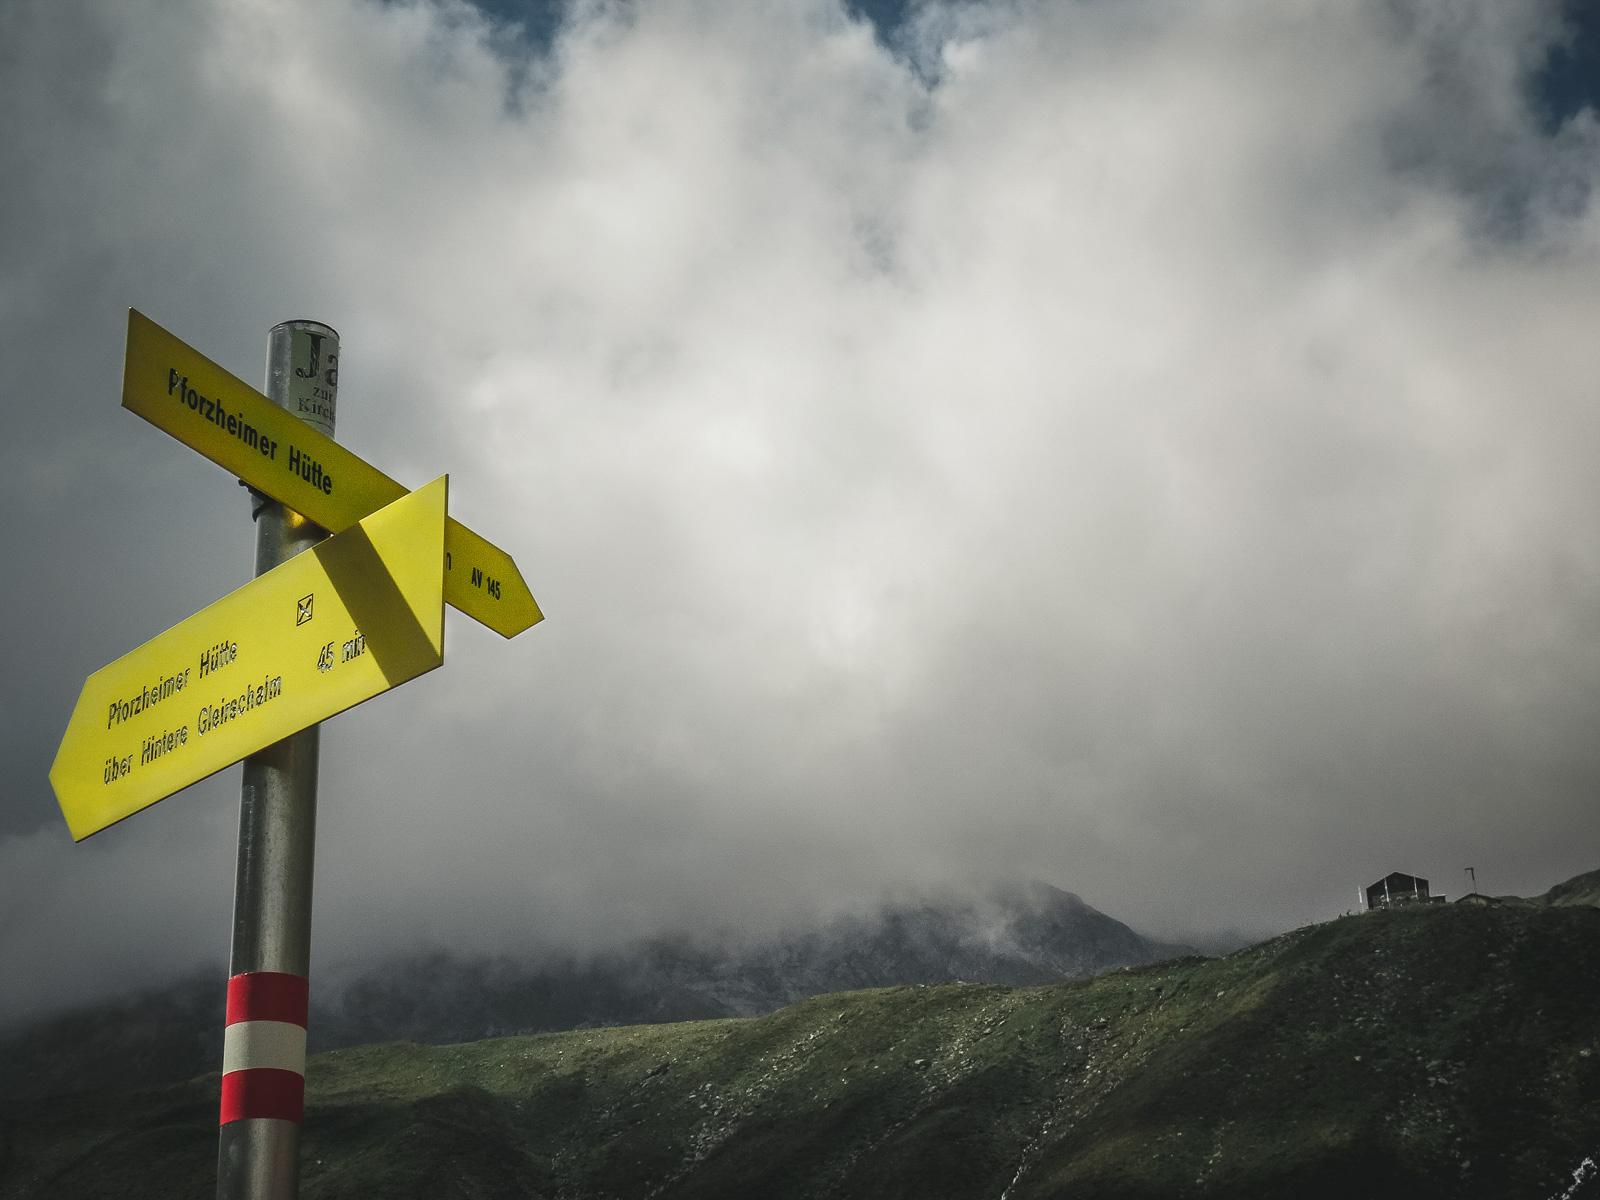 """Unbedingt den Weg über die """"HIntere Gleirschalm"""" nehmen ... wunderschön!"""